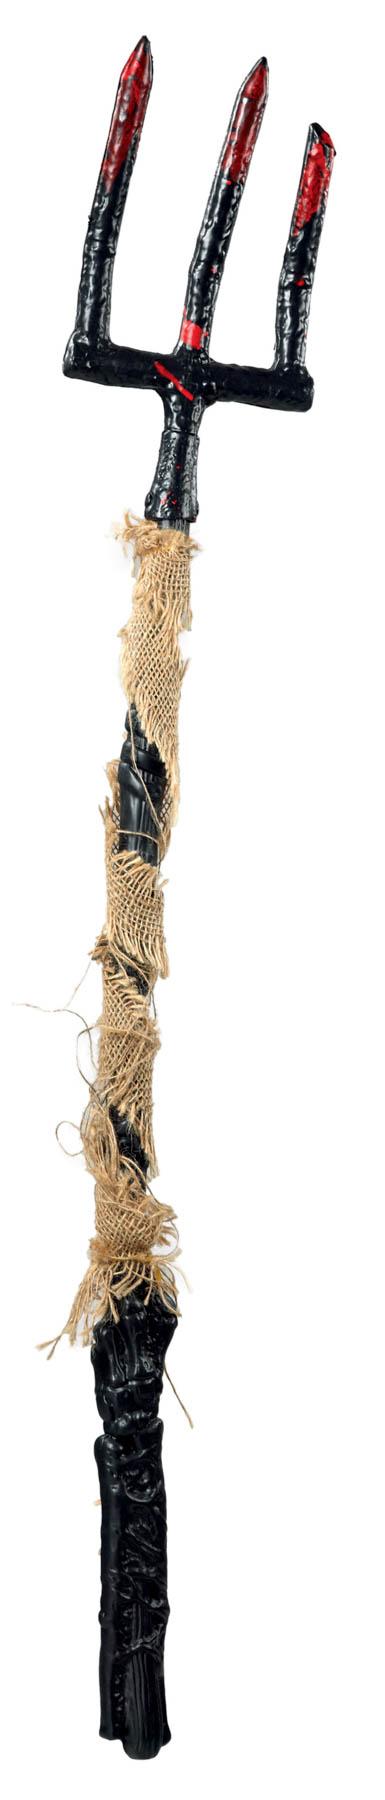 Αποκριάτικη Τρίαινα Με Λινάτσα 110cm